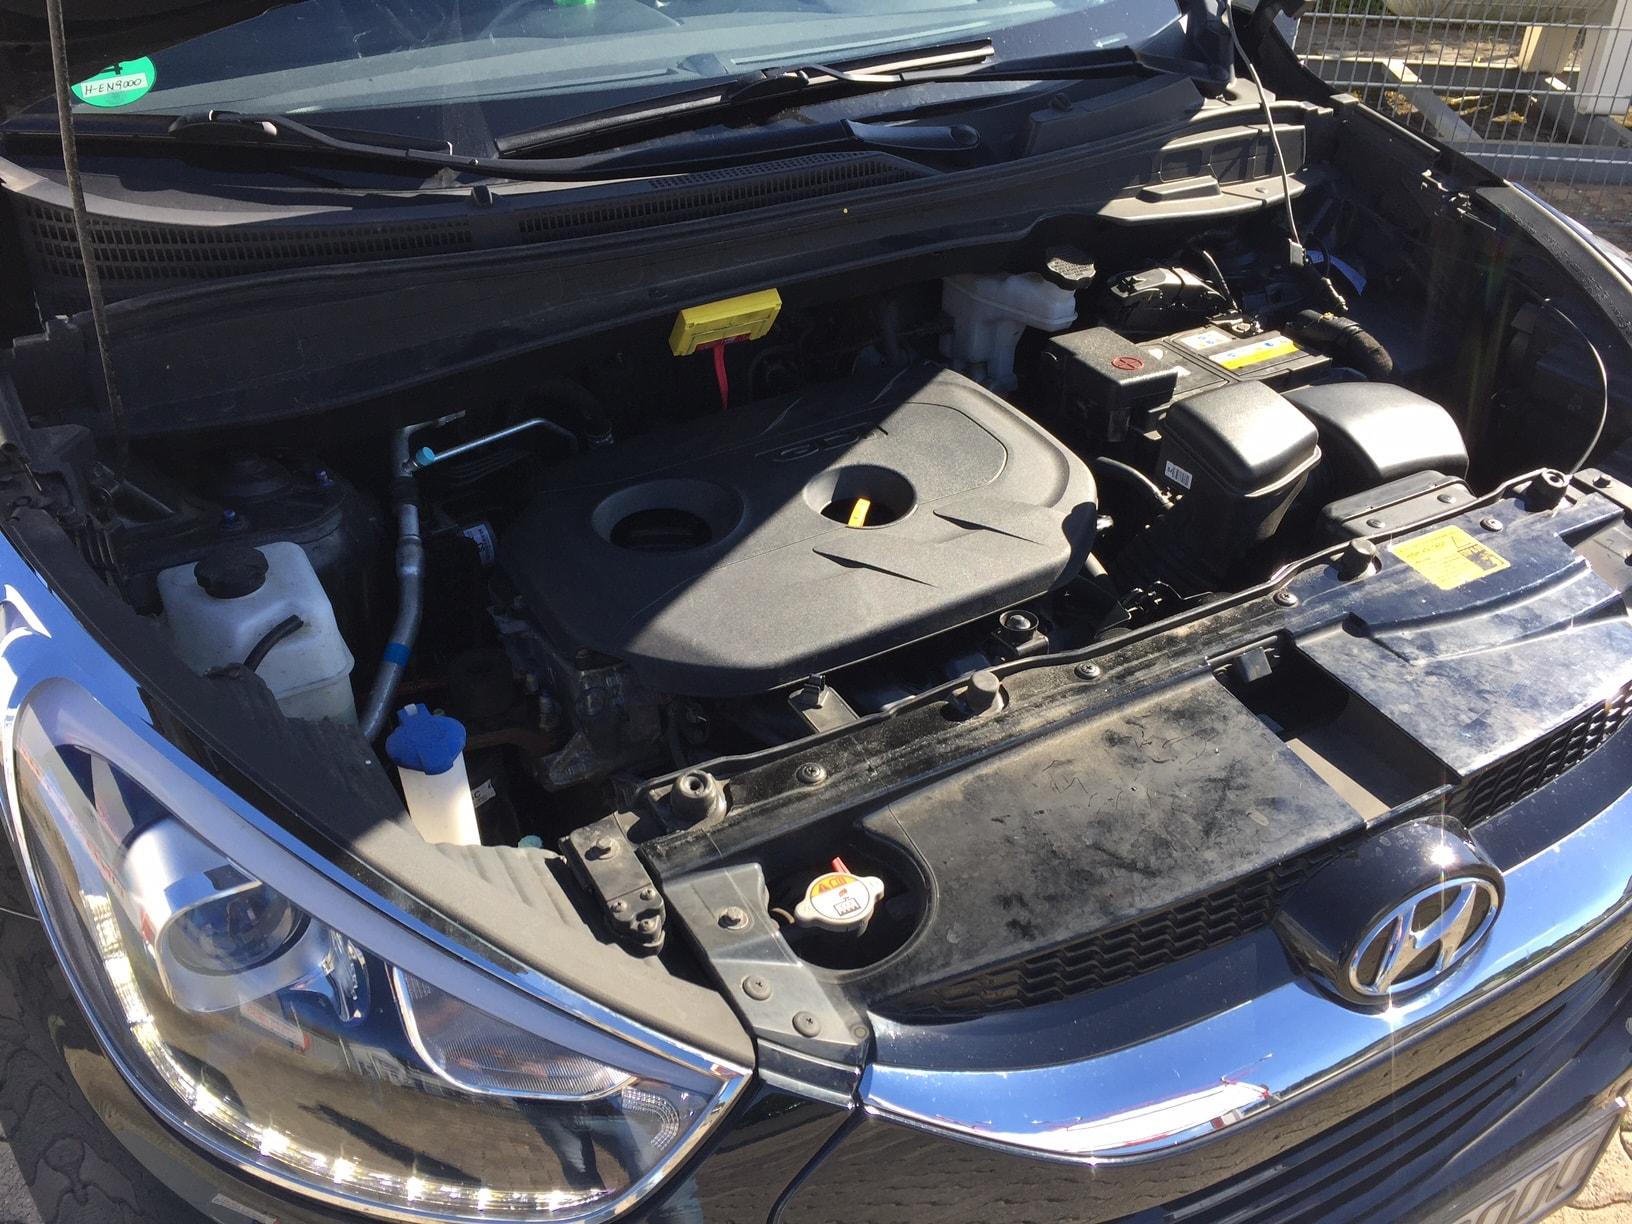 Autogas_R115-Umrüstung-auf-LPG-Autogas_Hyundai-IX35-2,0GDI-Direkteinspritzer-Motor